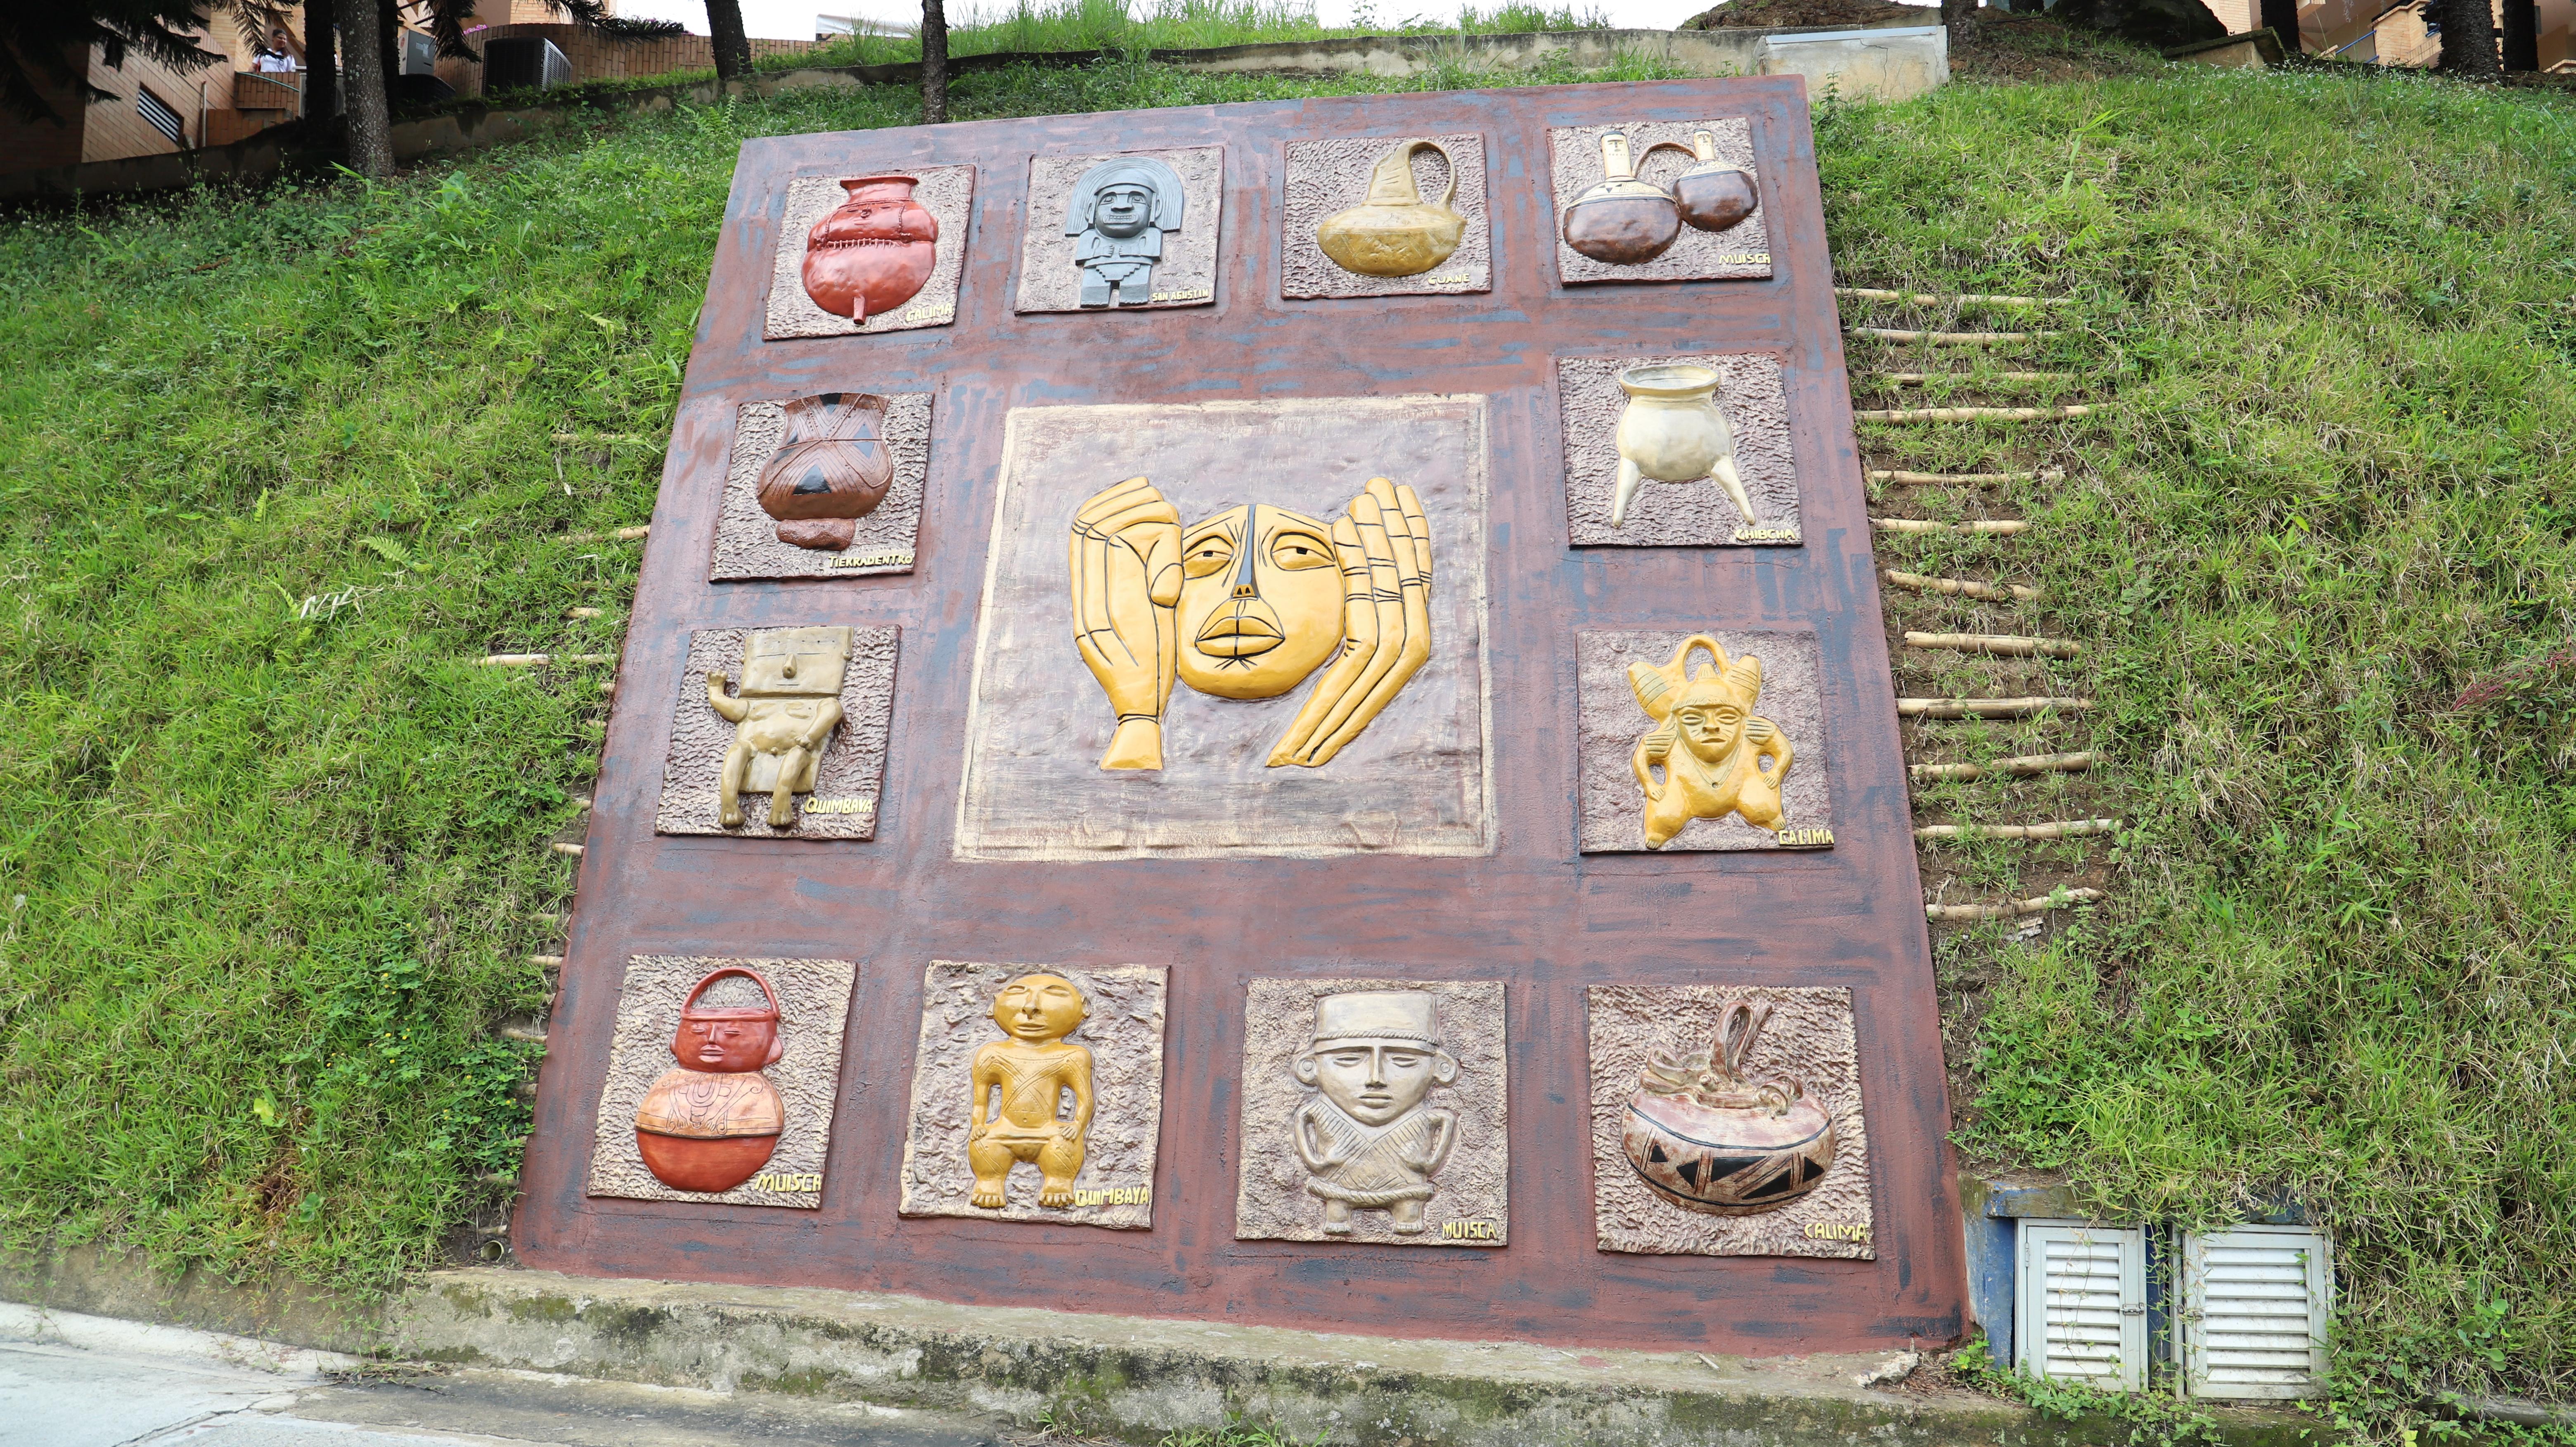 Arte precolombino en mural de la UDES   Educación   Variedades   EL FRENTE